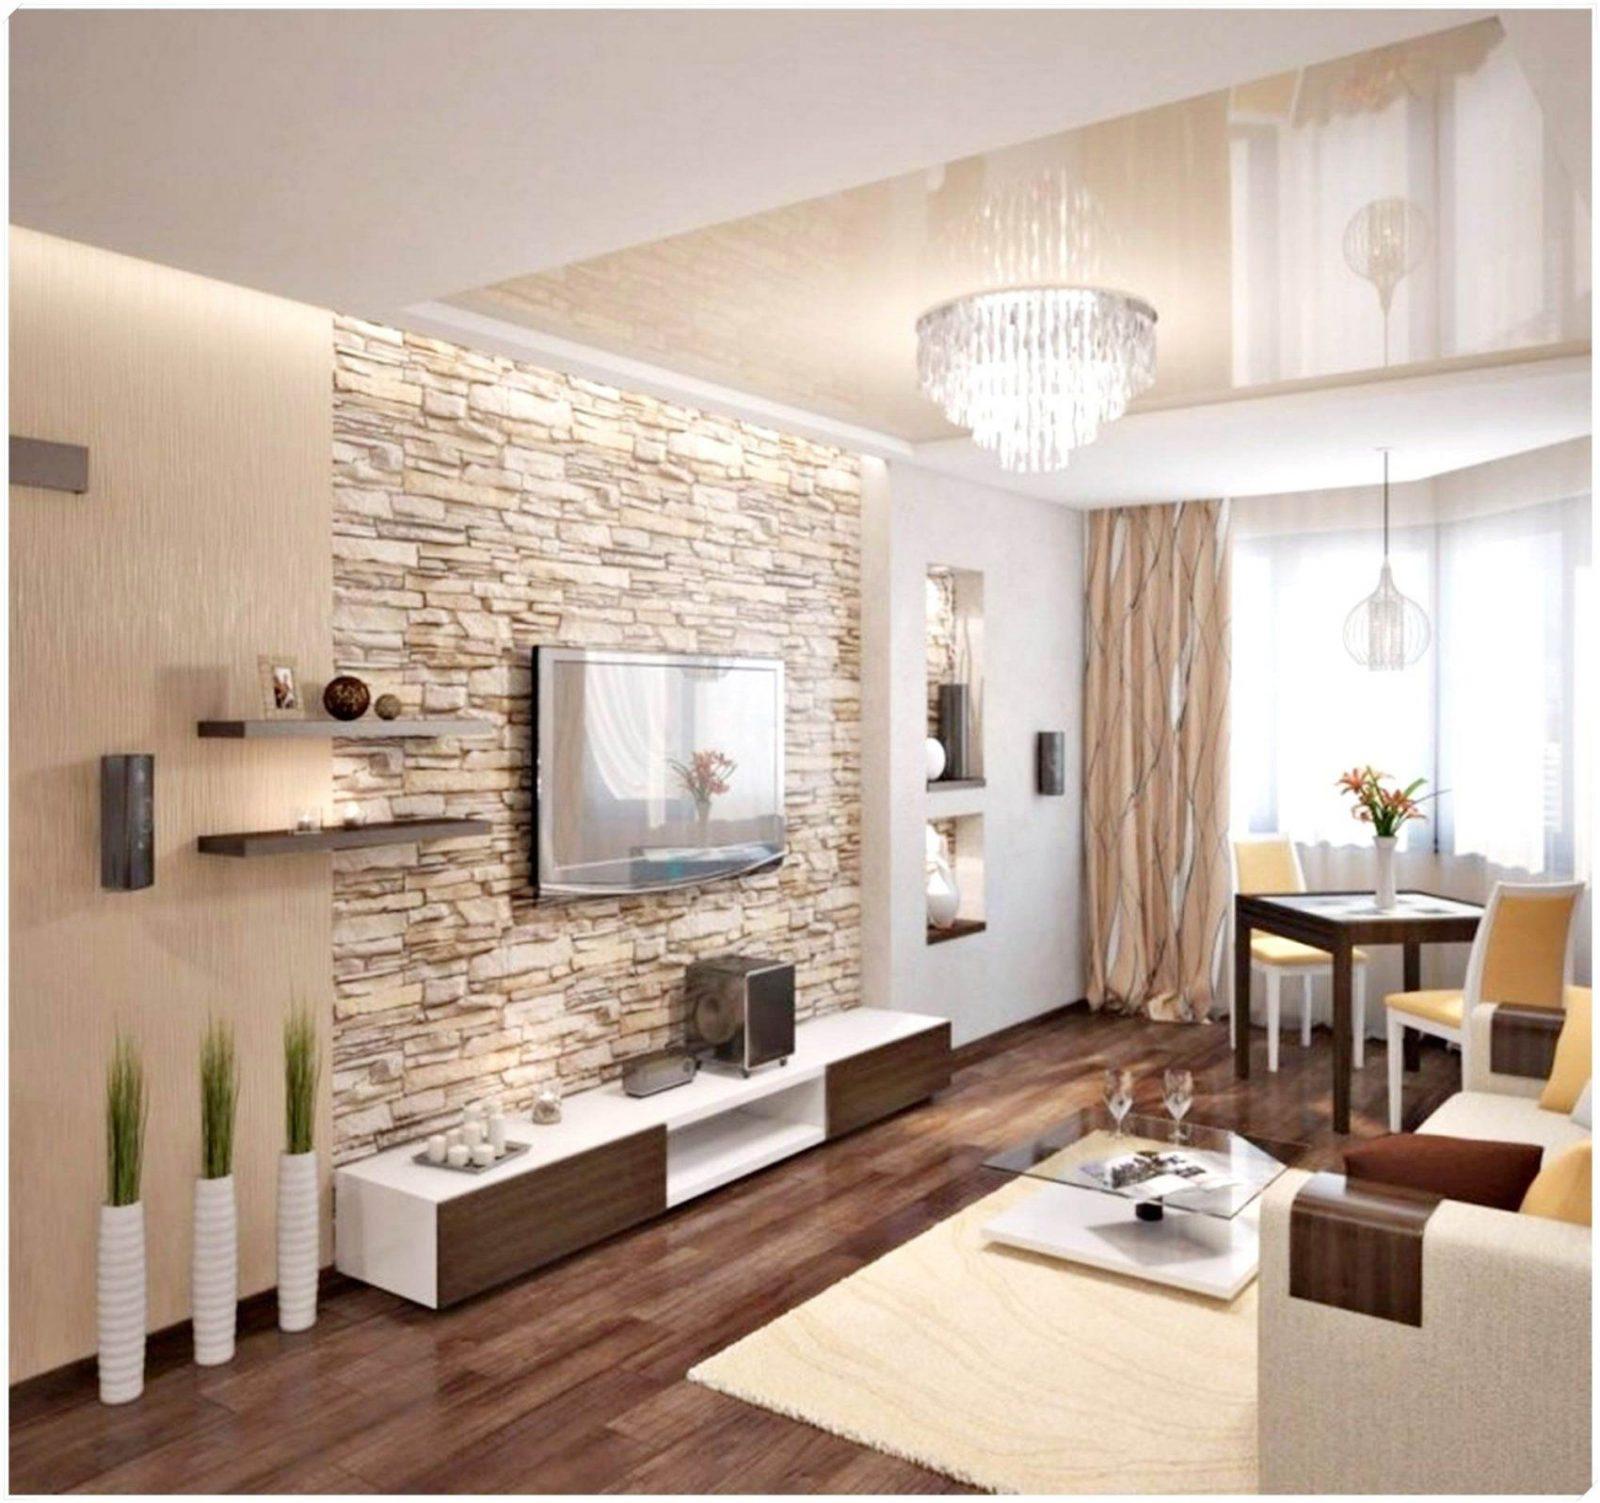 Winsome Wohnzimmer Gestalten Tipps Herrlich Wohnzimmertalten Huv von Wohnzimmer Neu Gestalten Tipps Bild